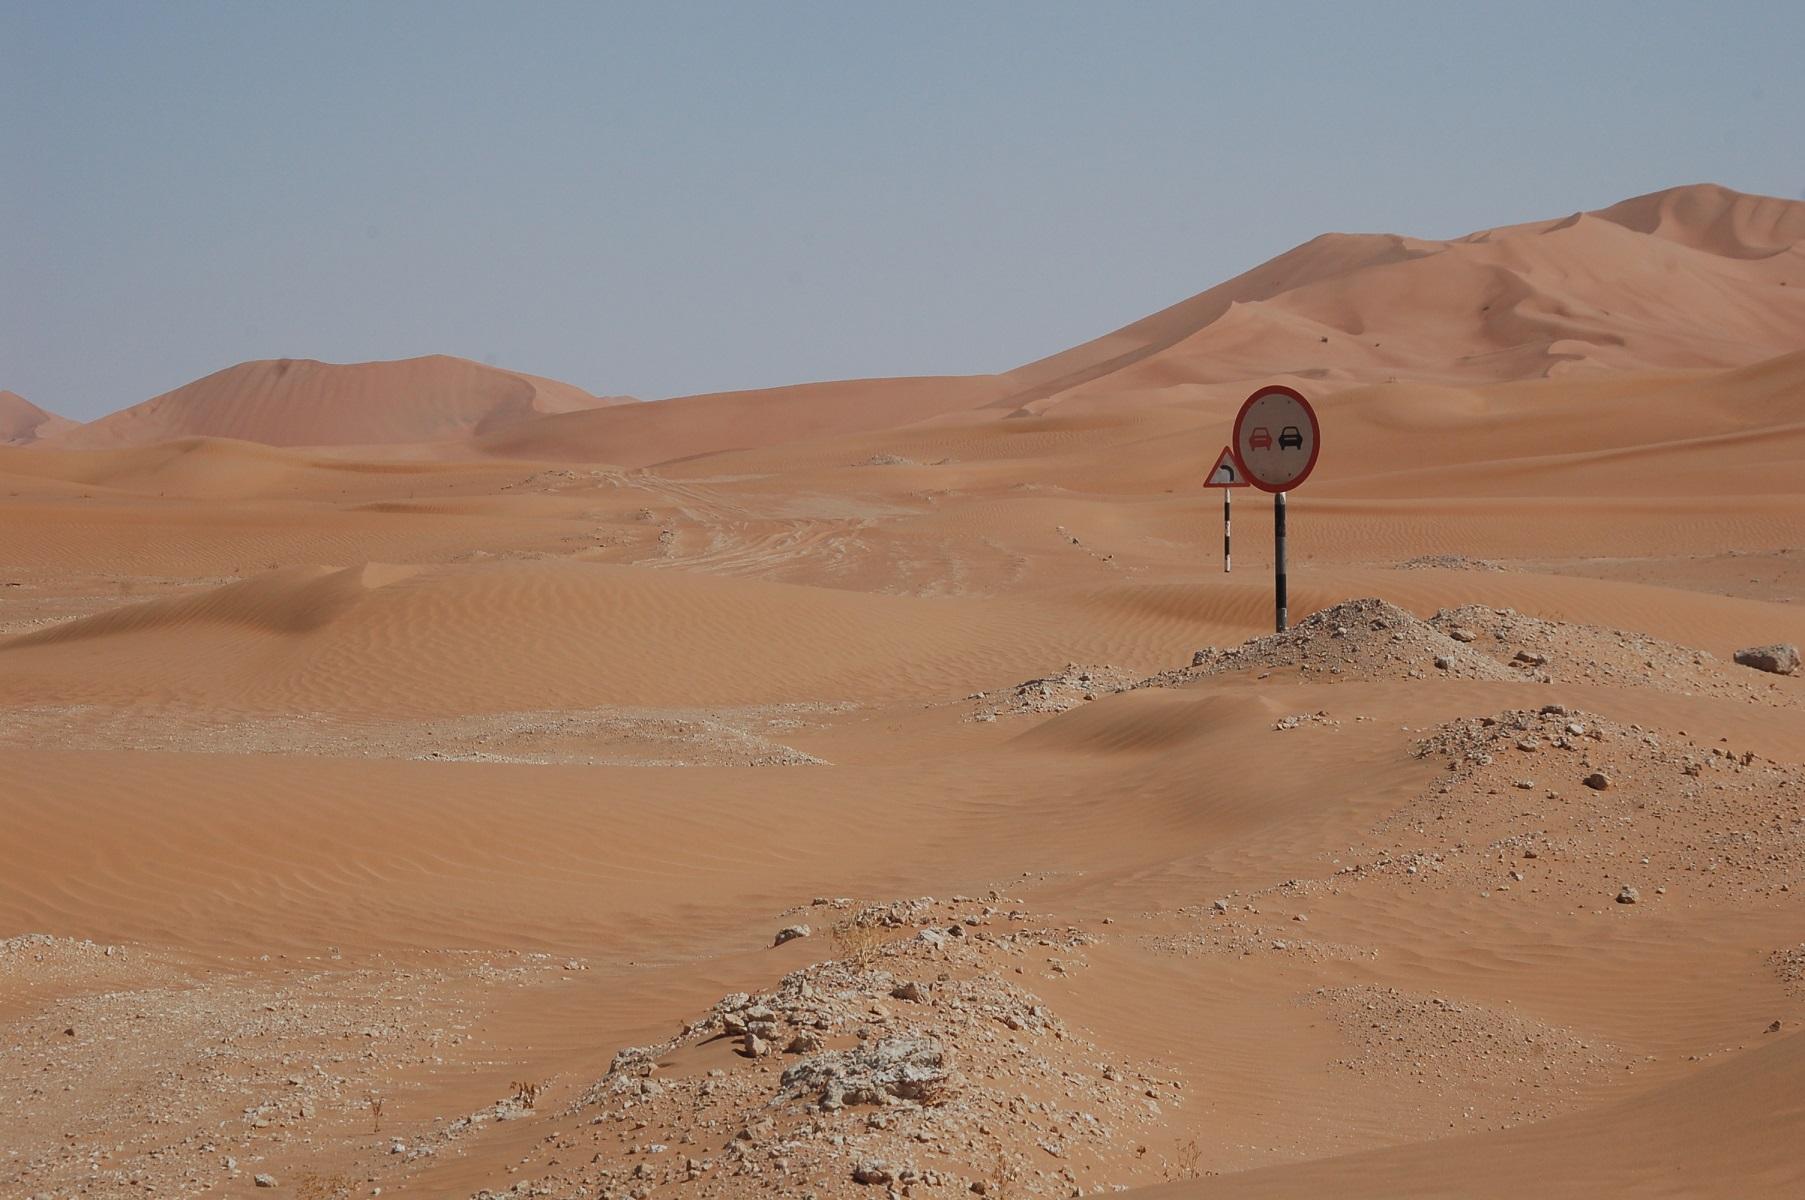 Oman - Die Piste ist vorbildlich ausgeschildert und natürlich halten wir uns dran.